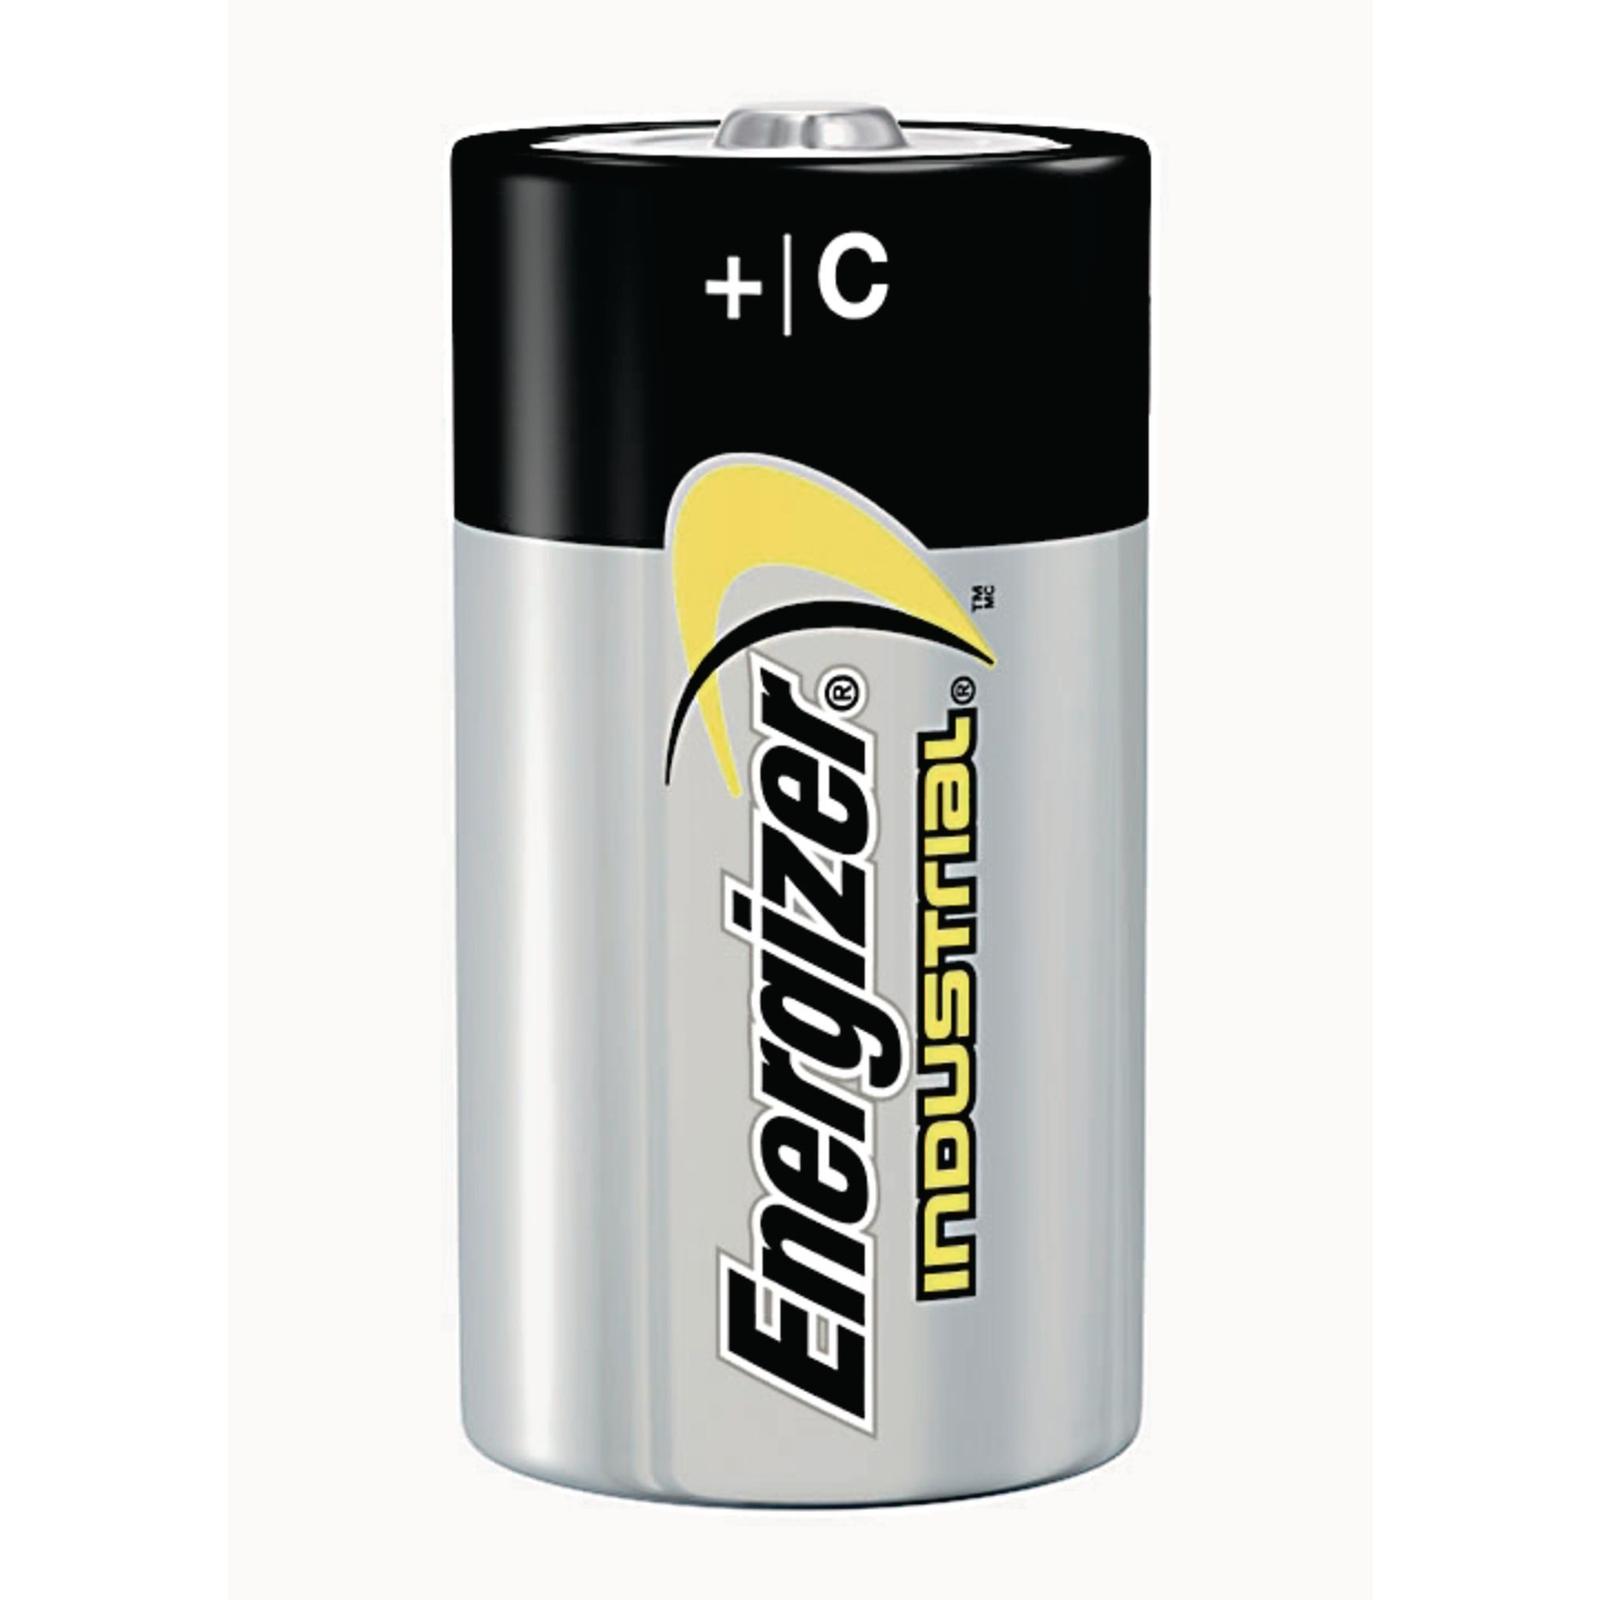 General Purpose Battery - C, LR14